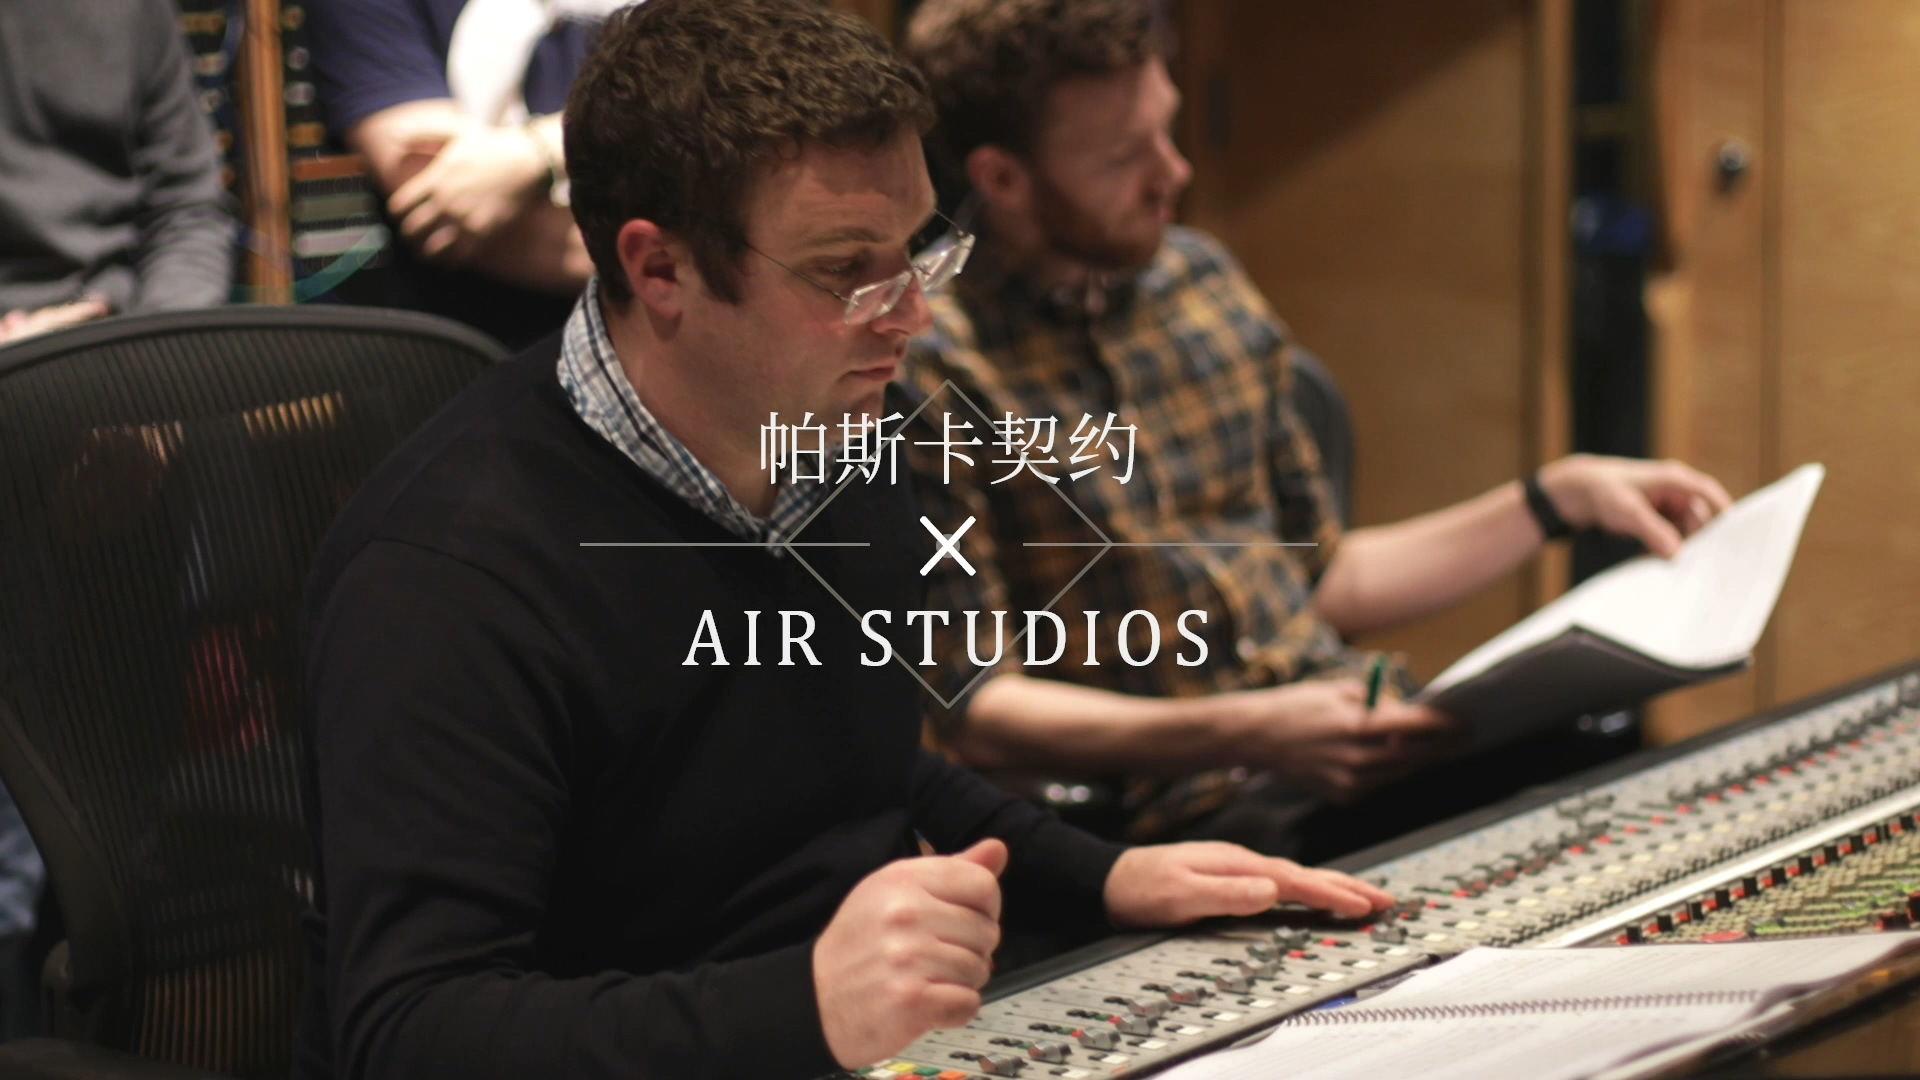 帕斯卡契约 x Air Studios 原声音乐录制花絮